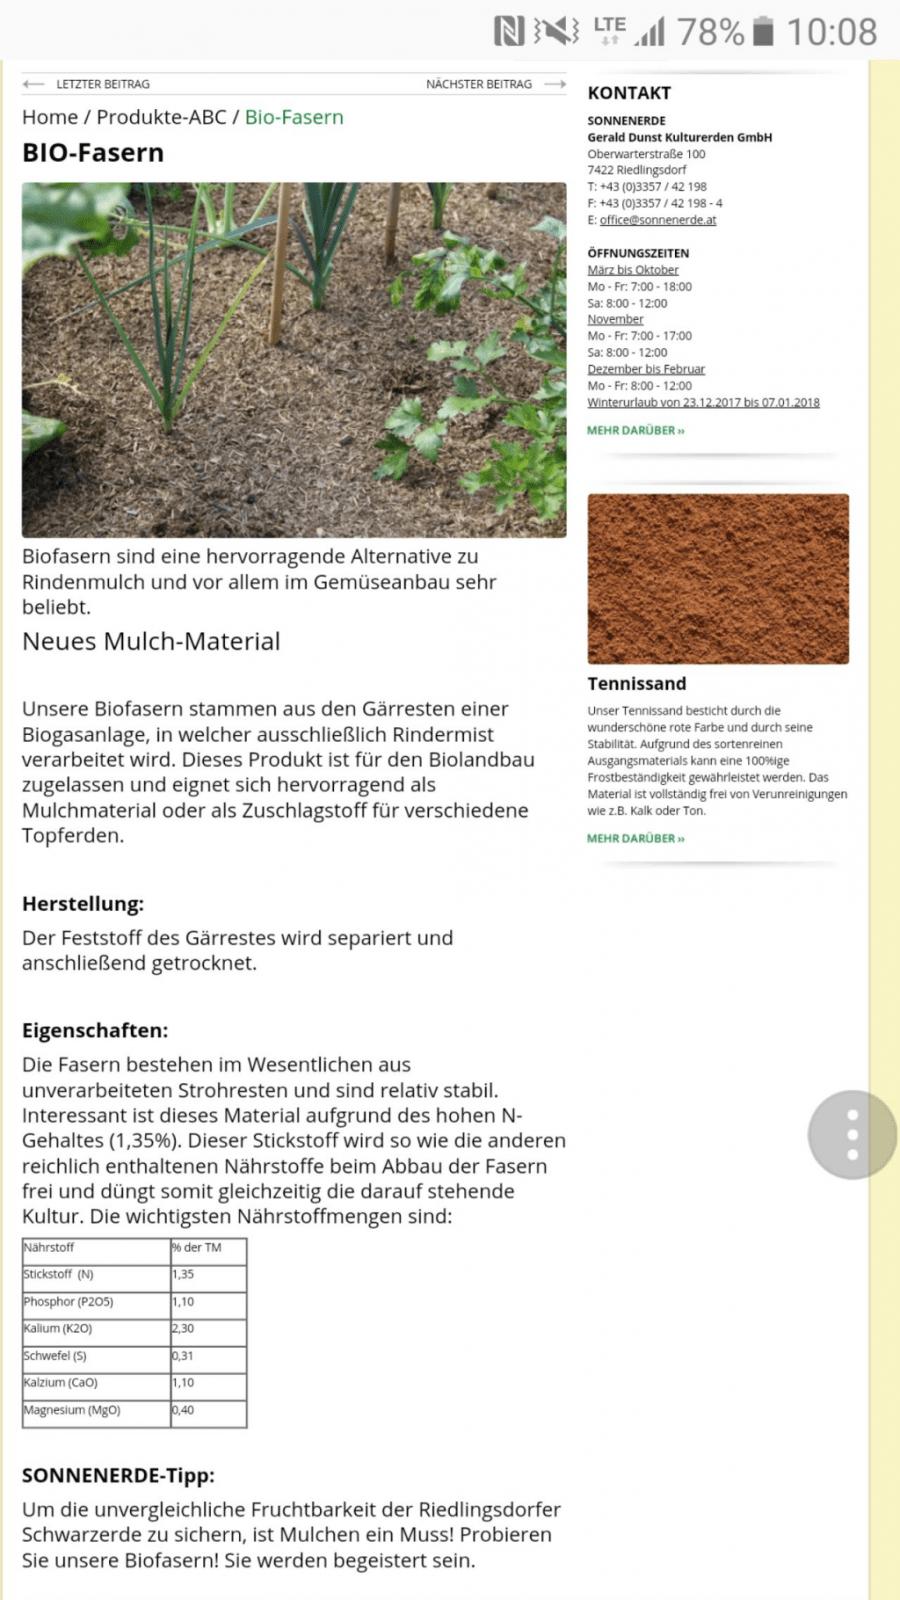 Alternative Zu Rindenmulch  Gartenforum Auf Energiesparhausat von Günstige Alternative Zu Rindenmulch Bild